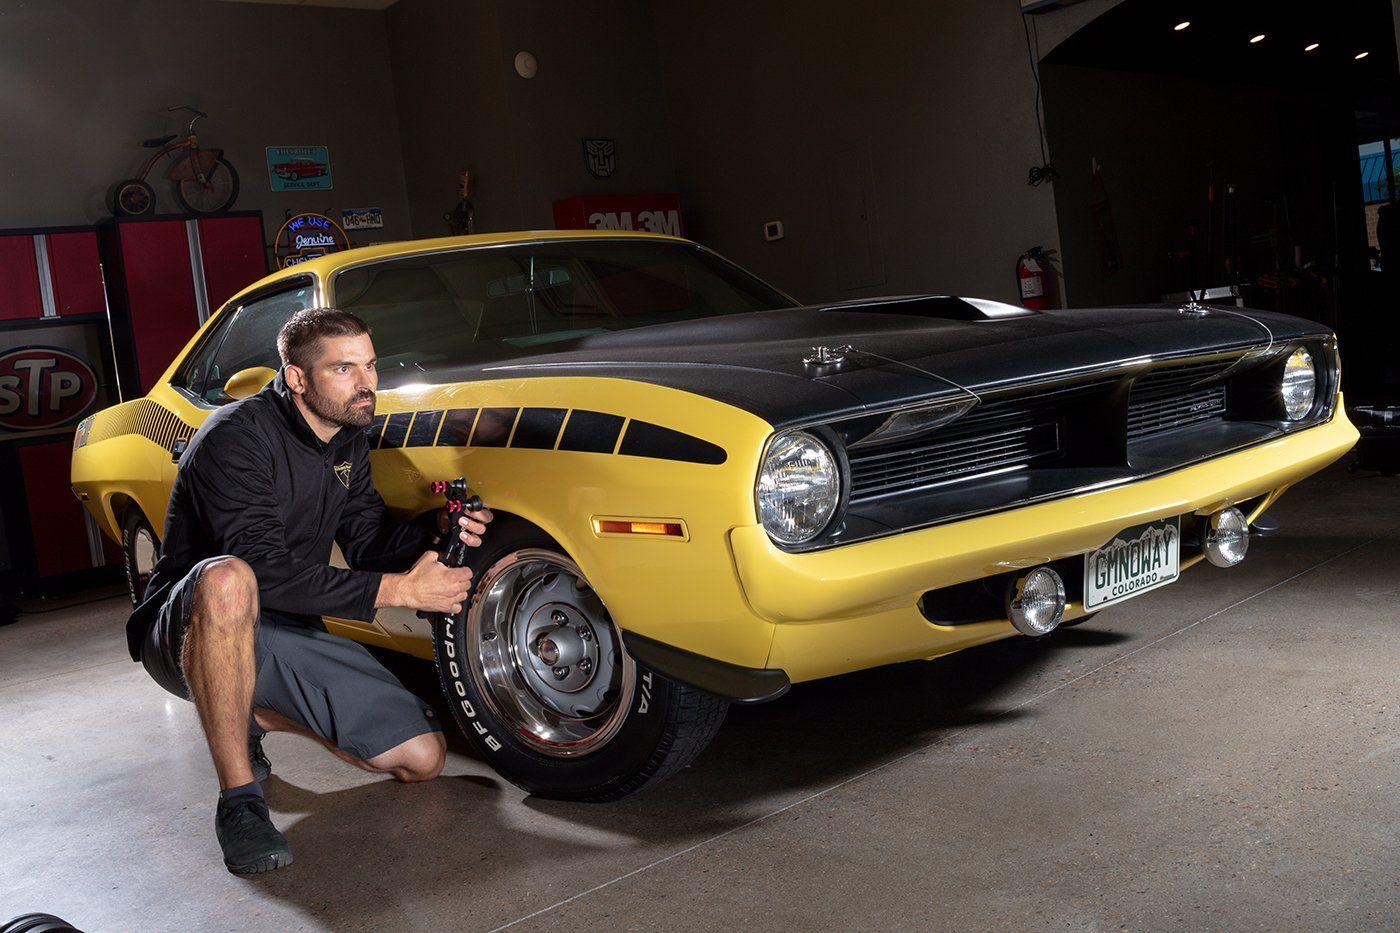 Boulder Colorado Door Ding Removal In 2020 Auto Body Repair Shops Wisconsin Dells Newport Beach